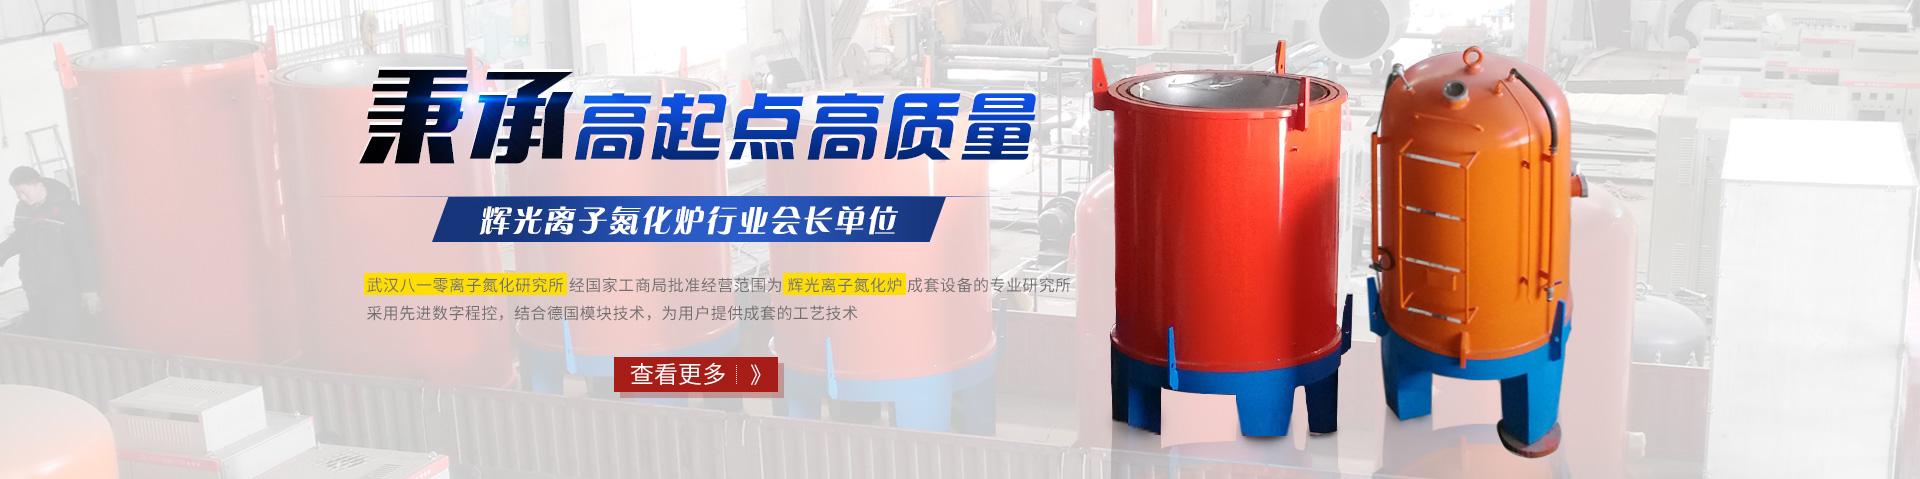 怎么制作离子渗氮炉风冷装置